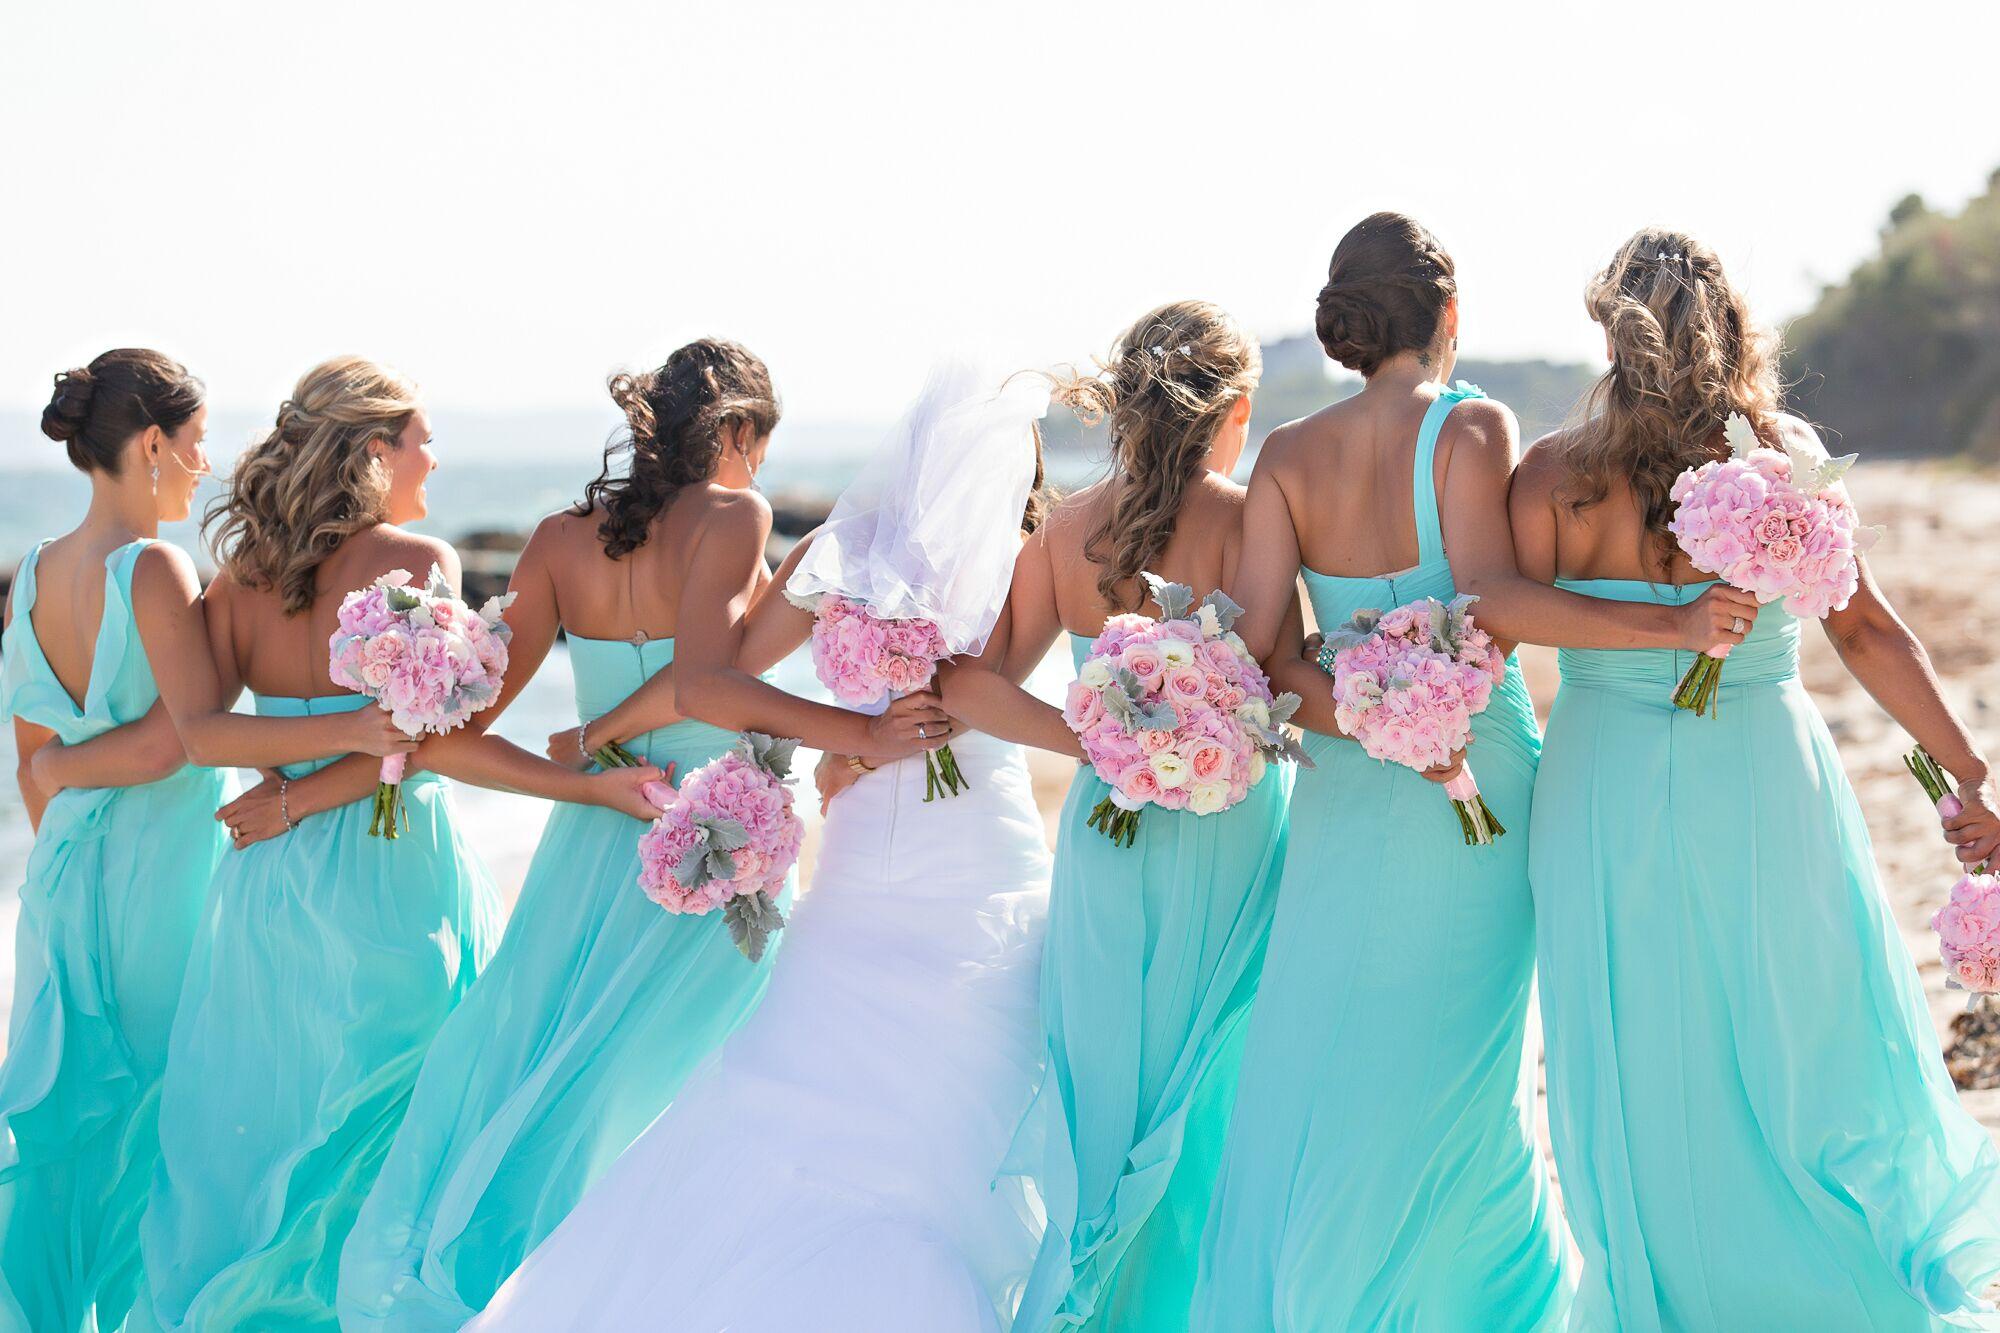 Aqua Bridesmaid Dresses with Pink Bouquets